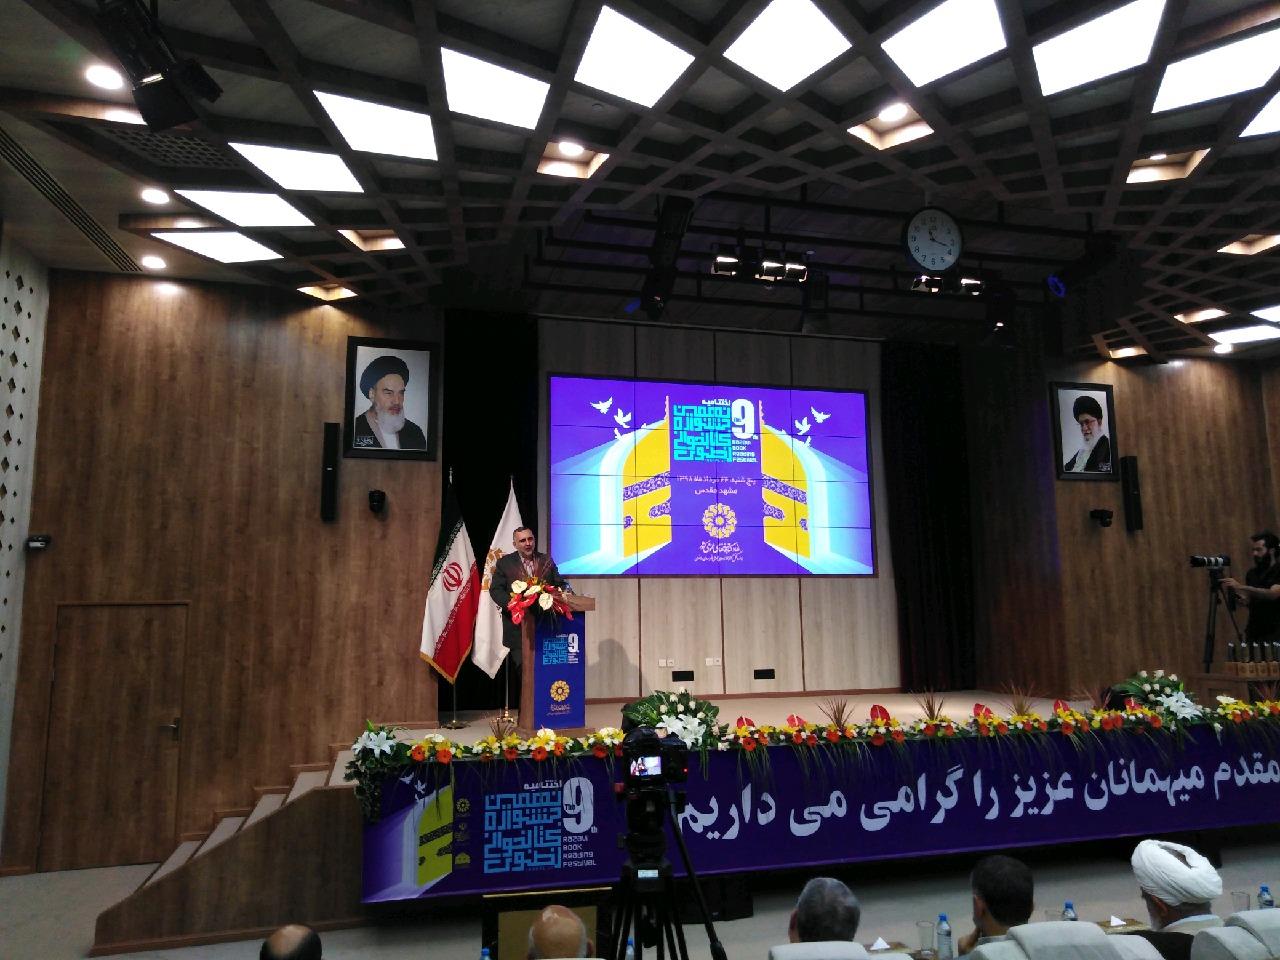 اختتامیه نهمین جشنواره کتابخوانی رضوی در مشهد برگزار شد